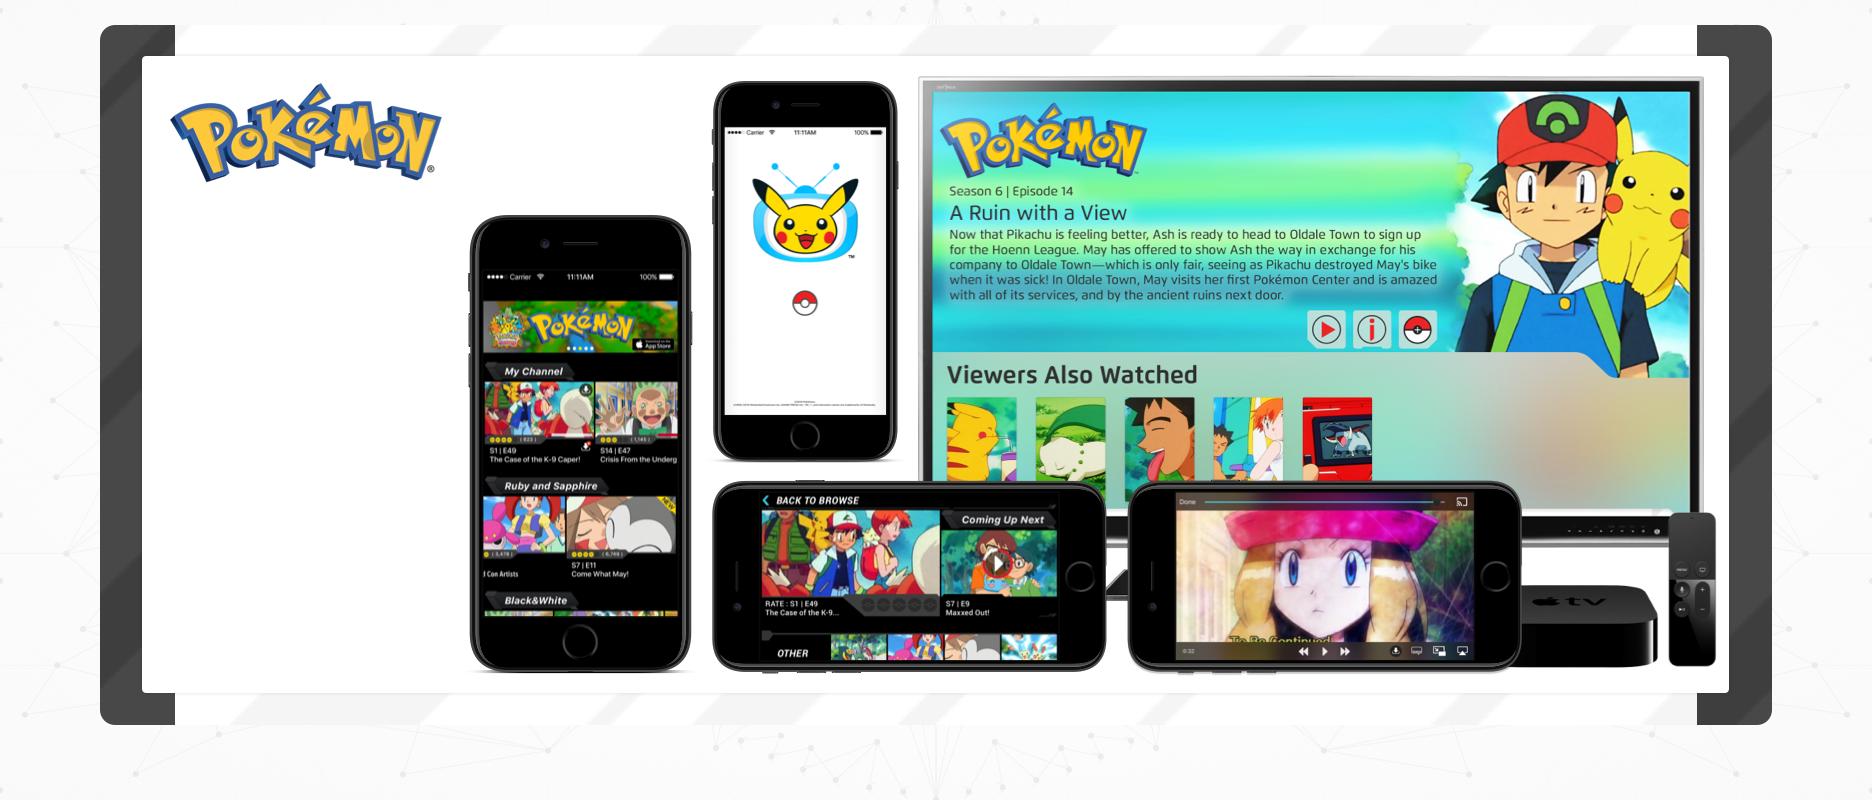 Pokémon TV - Case Study Image - Cover